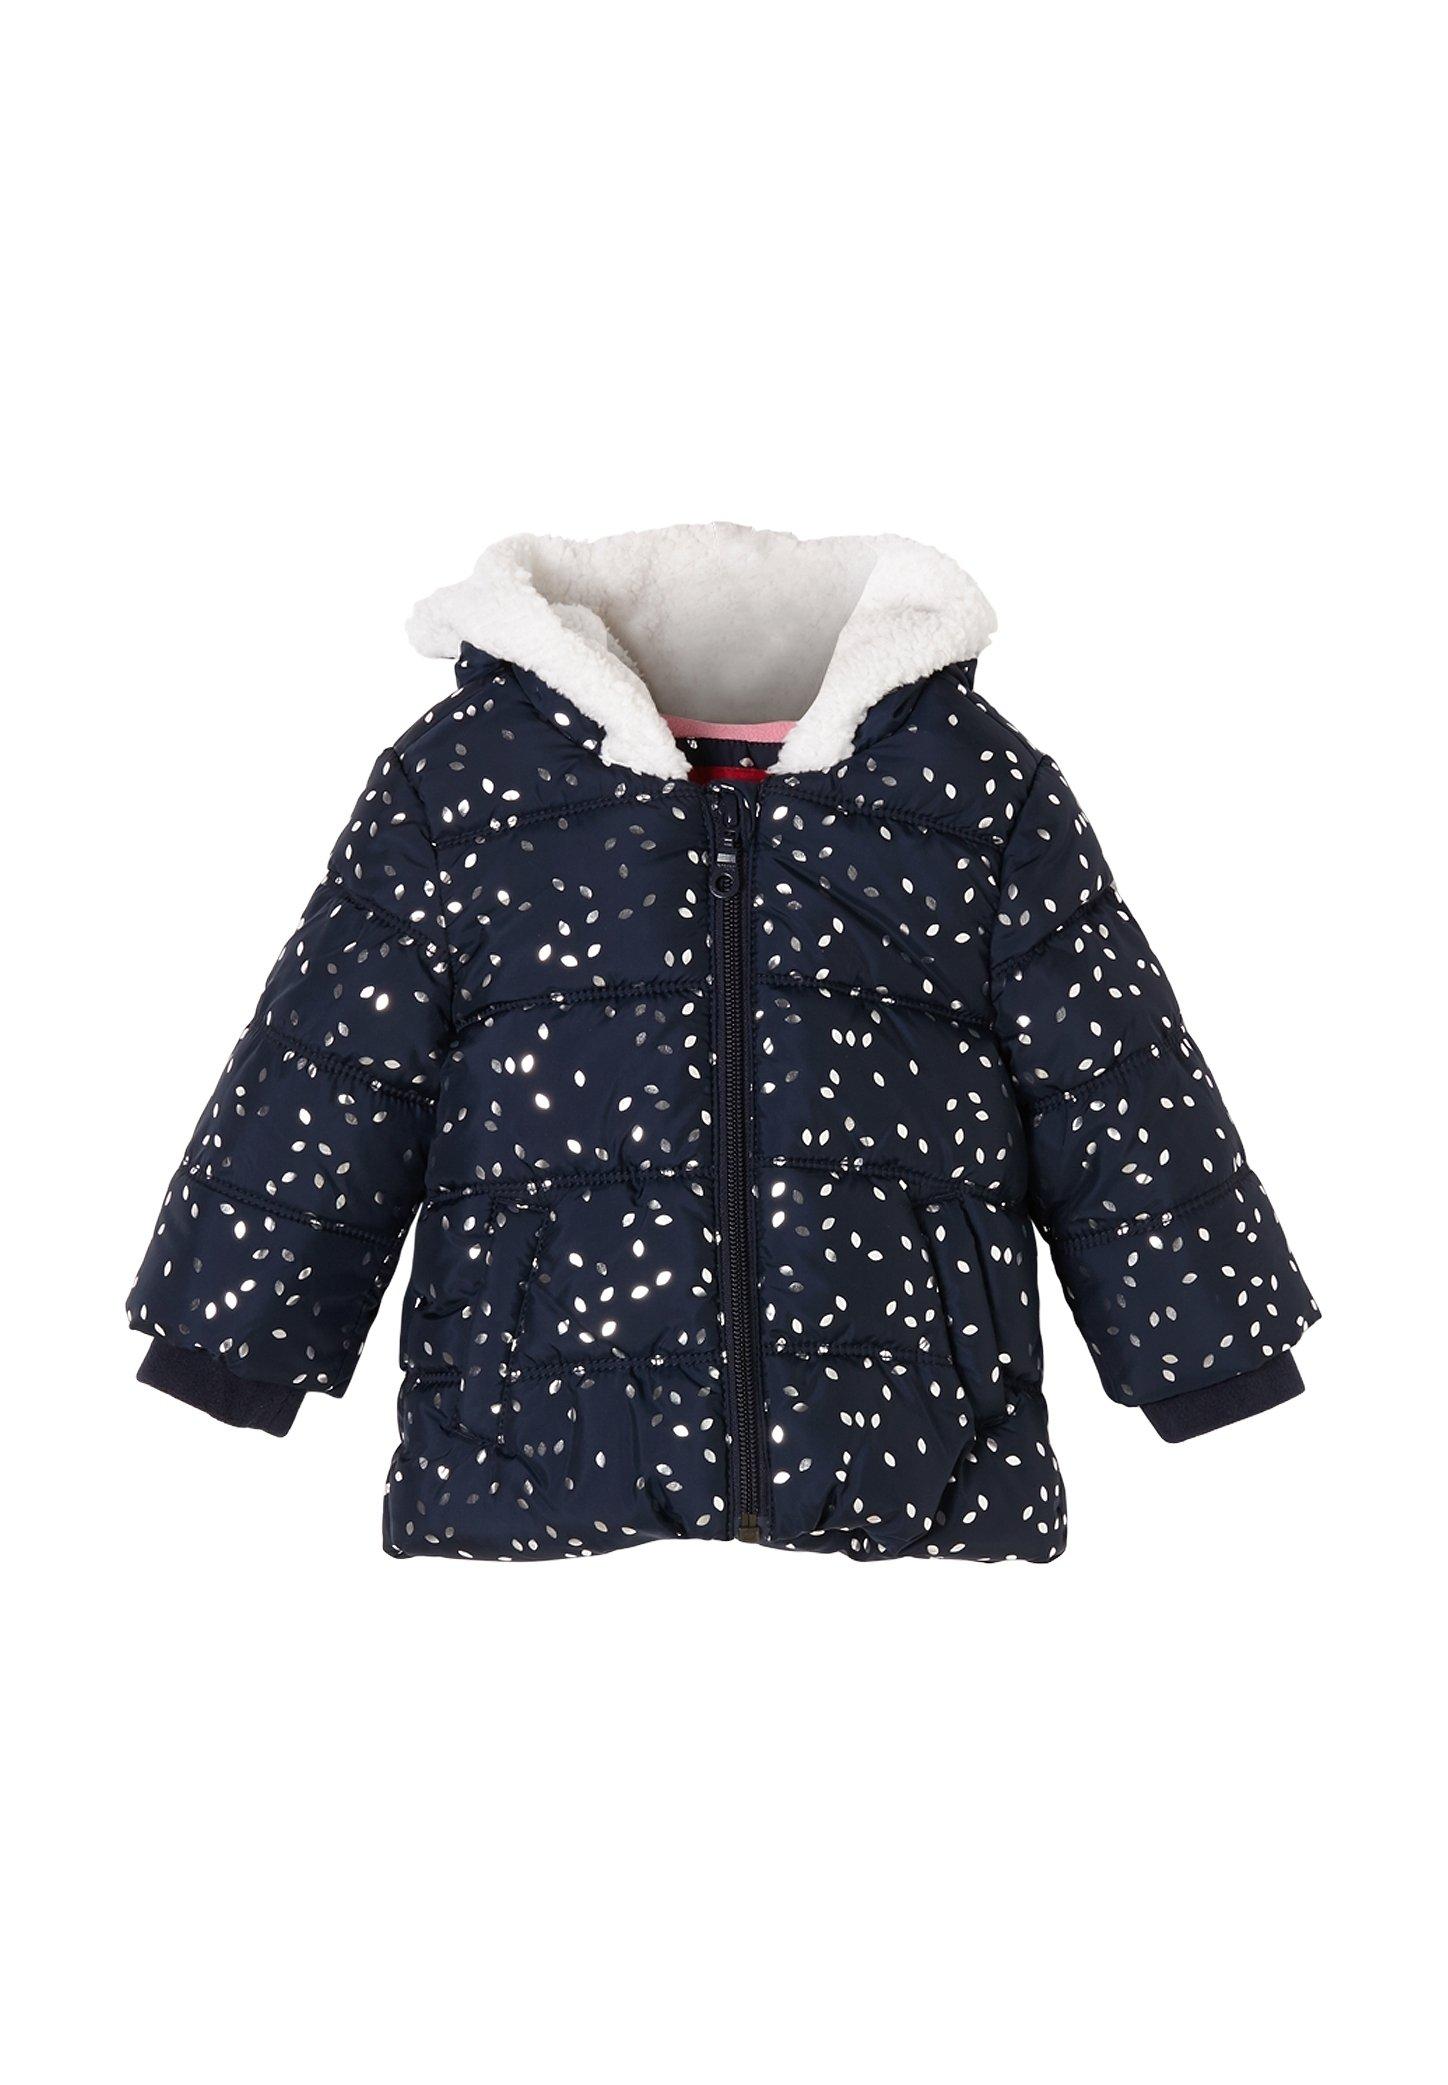 Jacken und Mäntel Größe 86 für Kinder online bestellen| ZALANDO